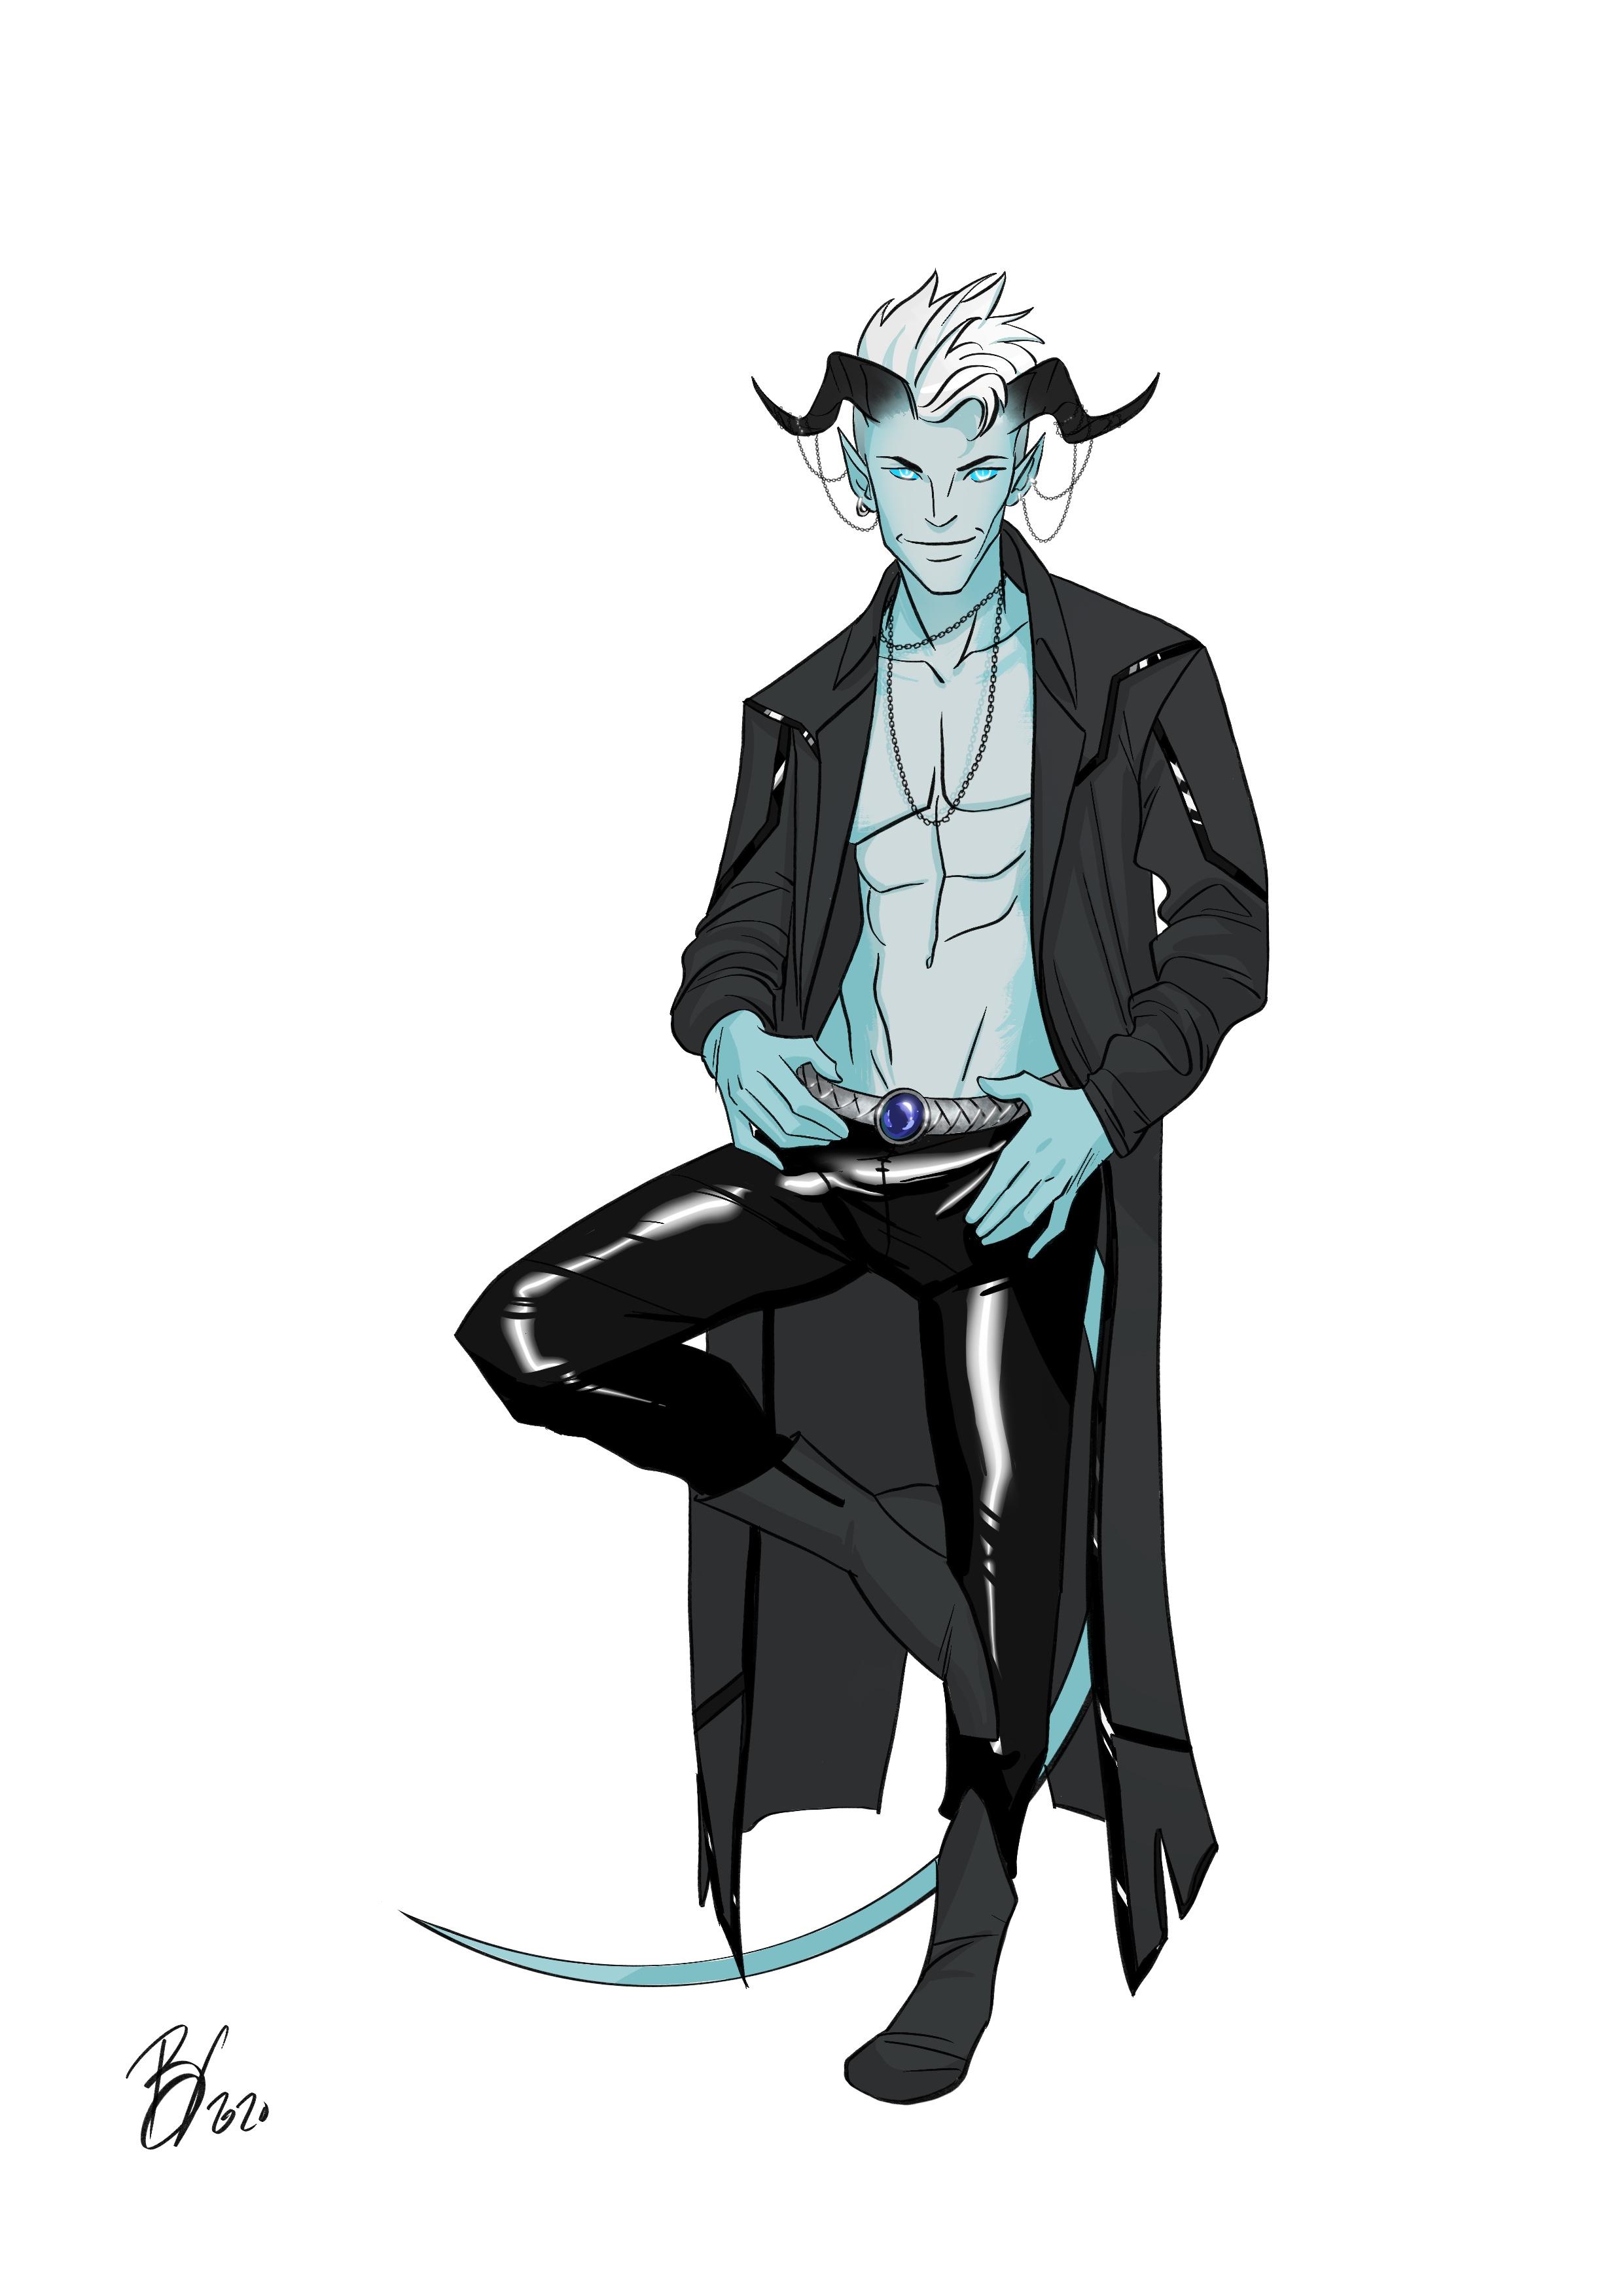 Divine_Sorcerer